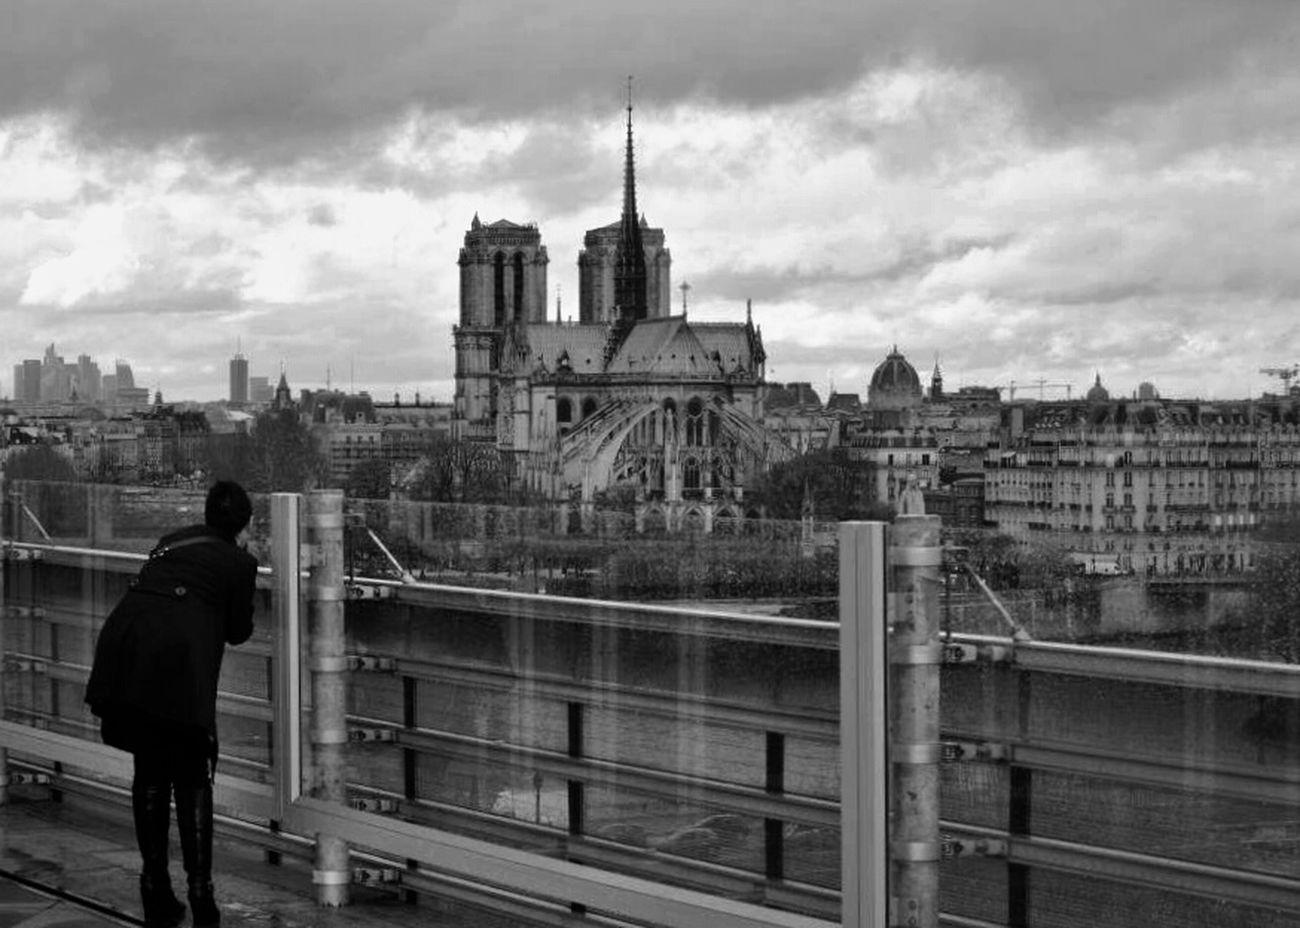 BNW PARIS Tel Est Pris Qui Croyait Prendre